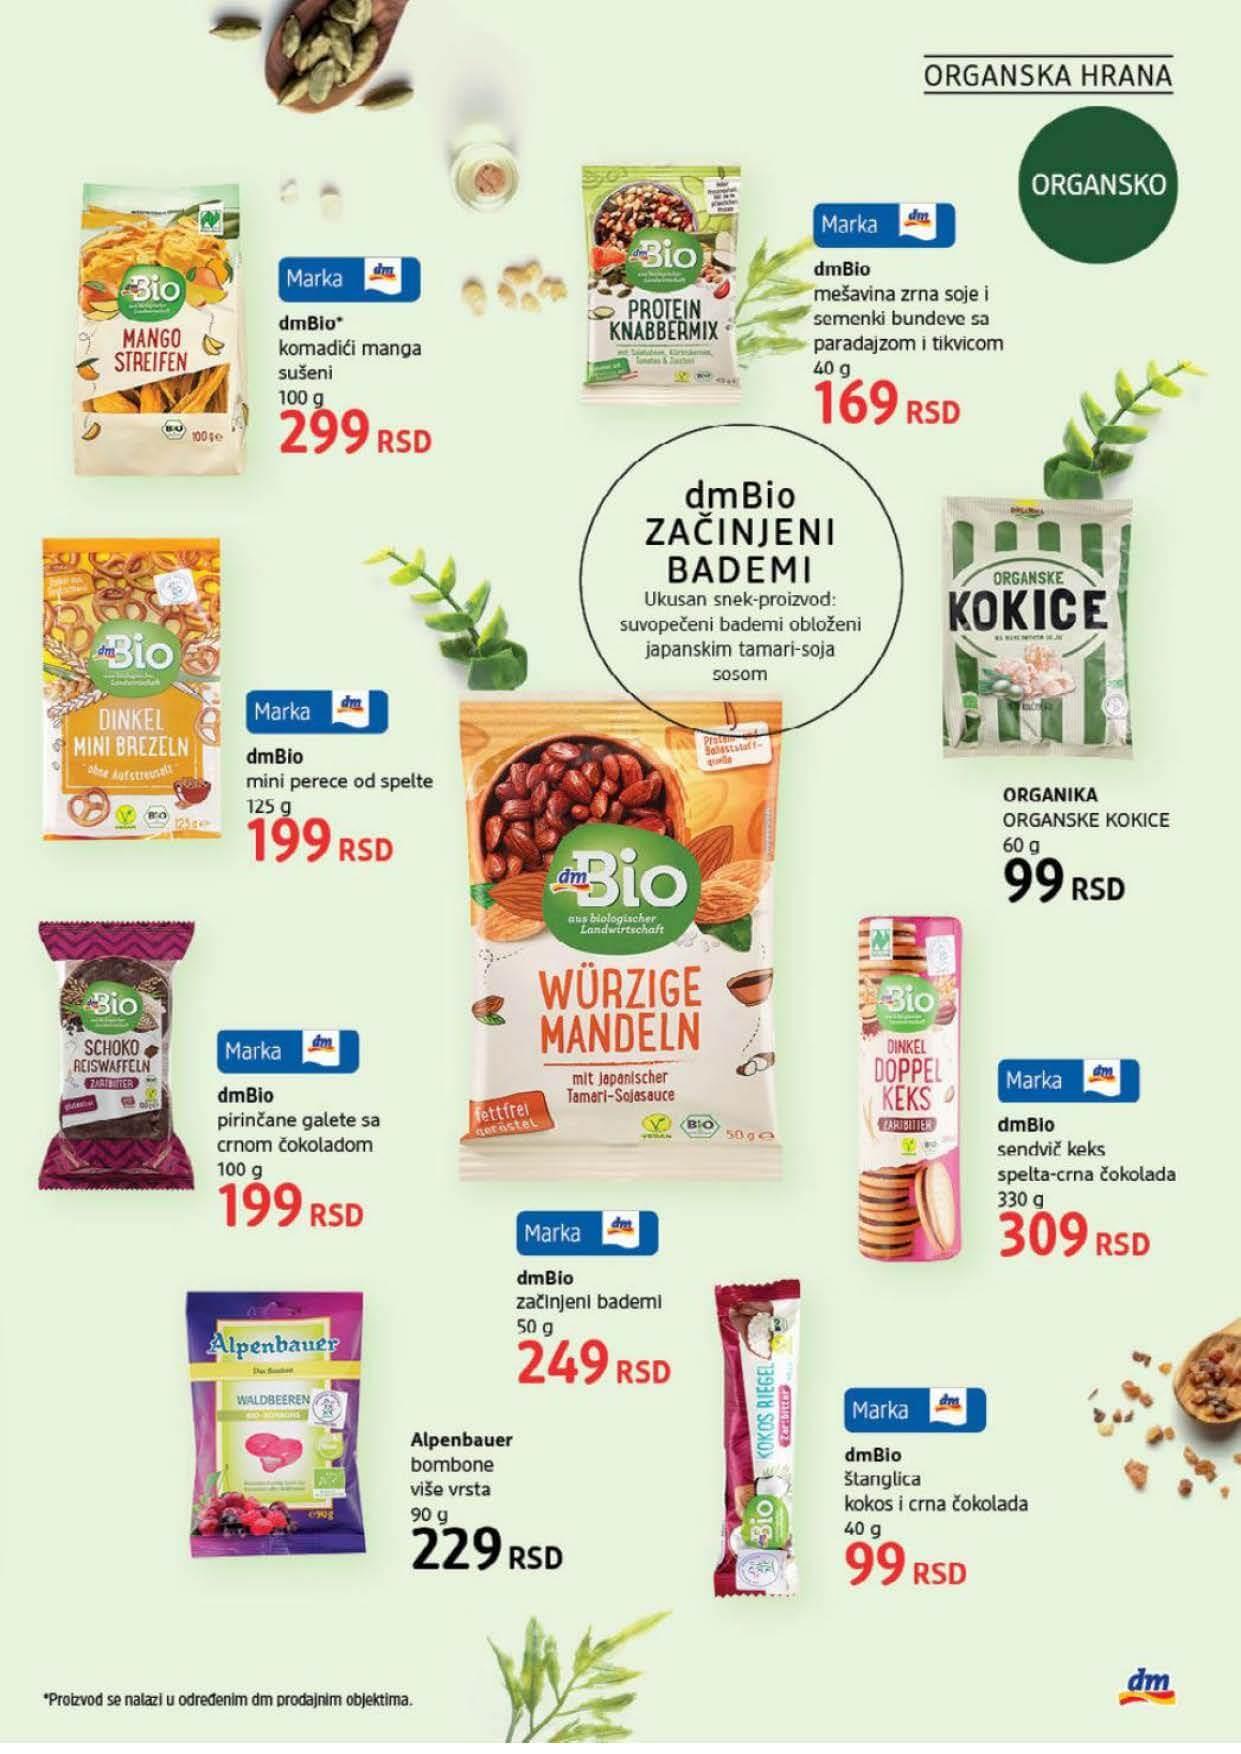 DM Katalog SRBIJA JUN 2021 01.06.2021. 30.06.2021. eKatalozi.com PR Page 35